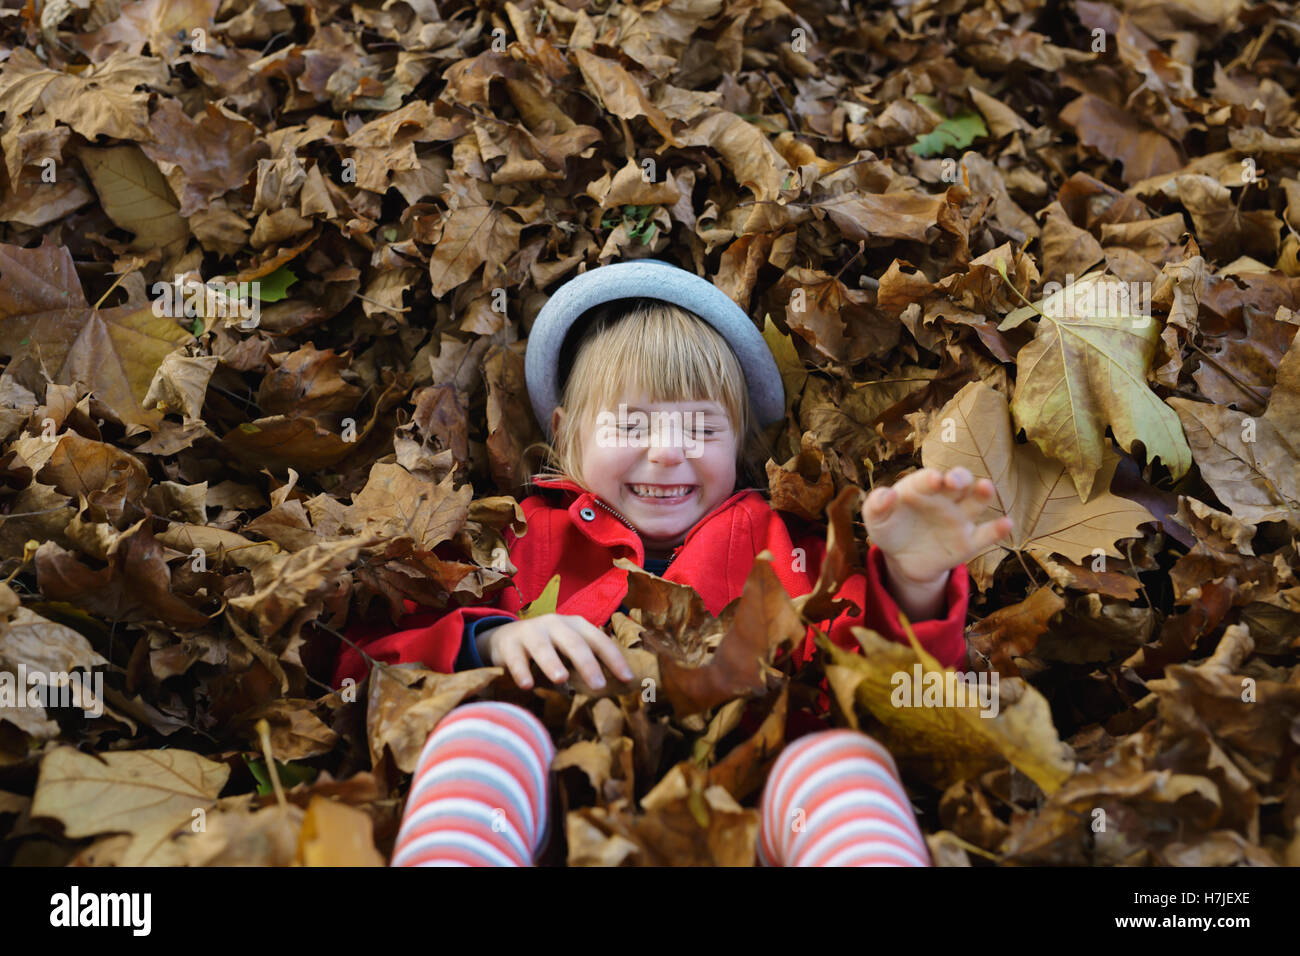 Felice l'autunno. Bambina in rosso cappotto giocando con il mucchio di foglie secche in autunno park. Immagini Stock